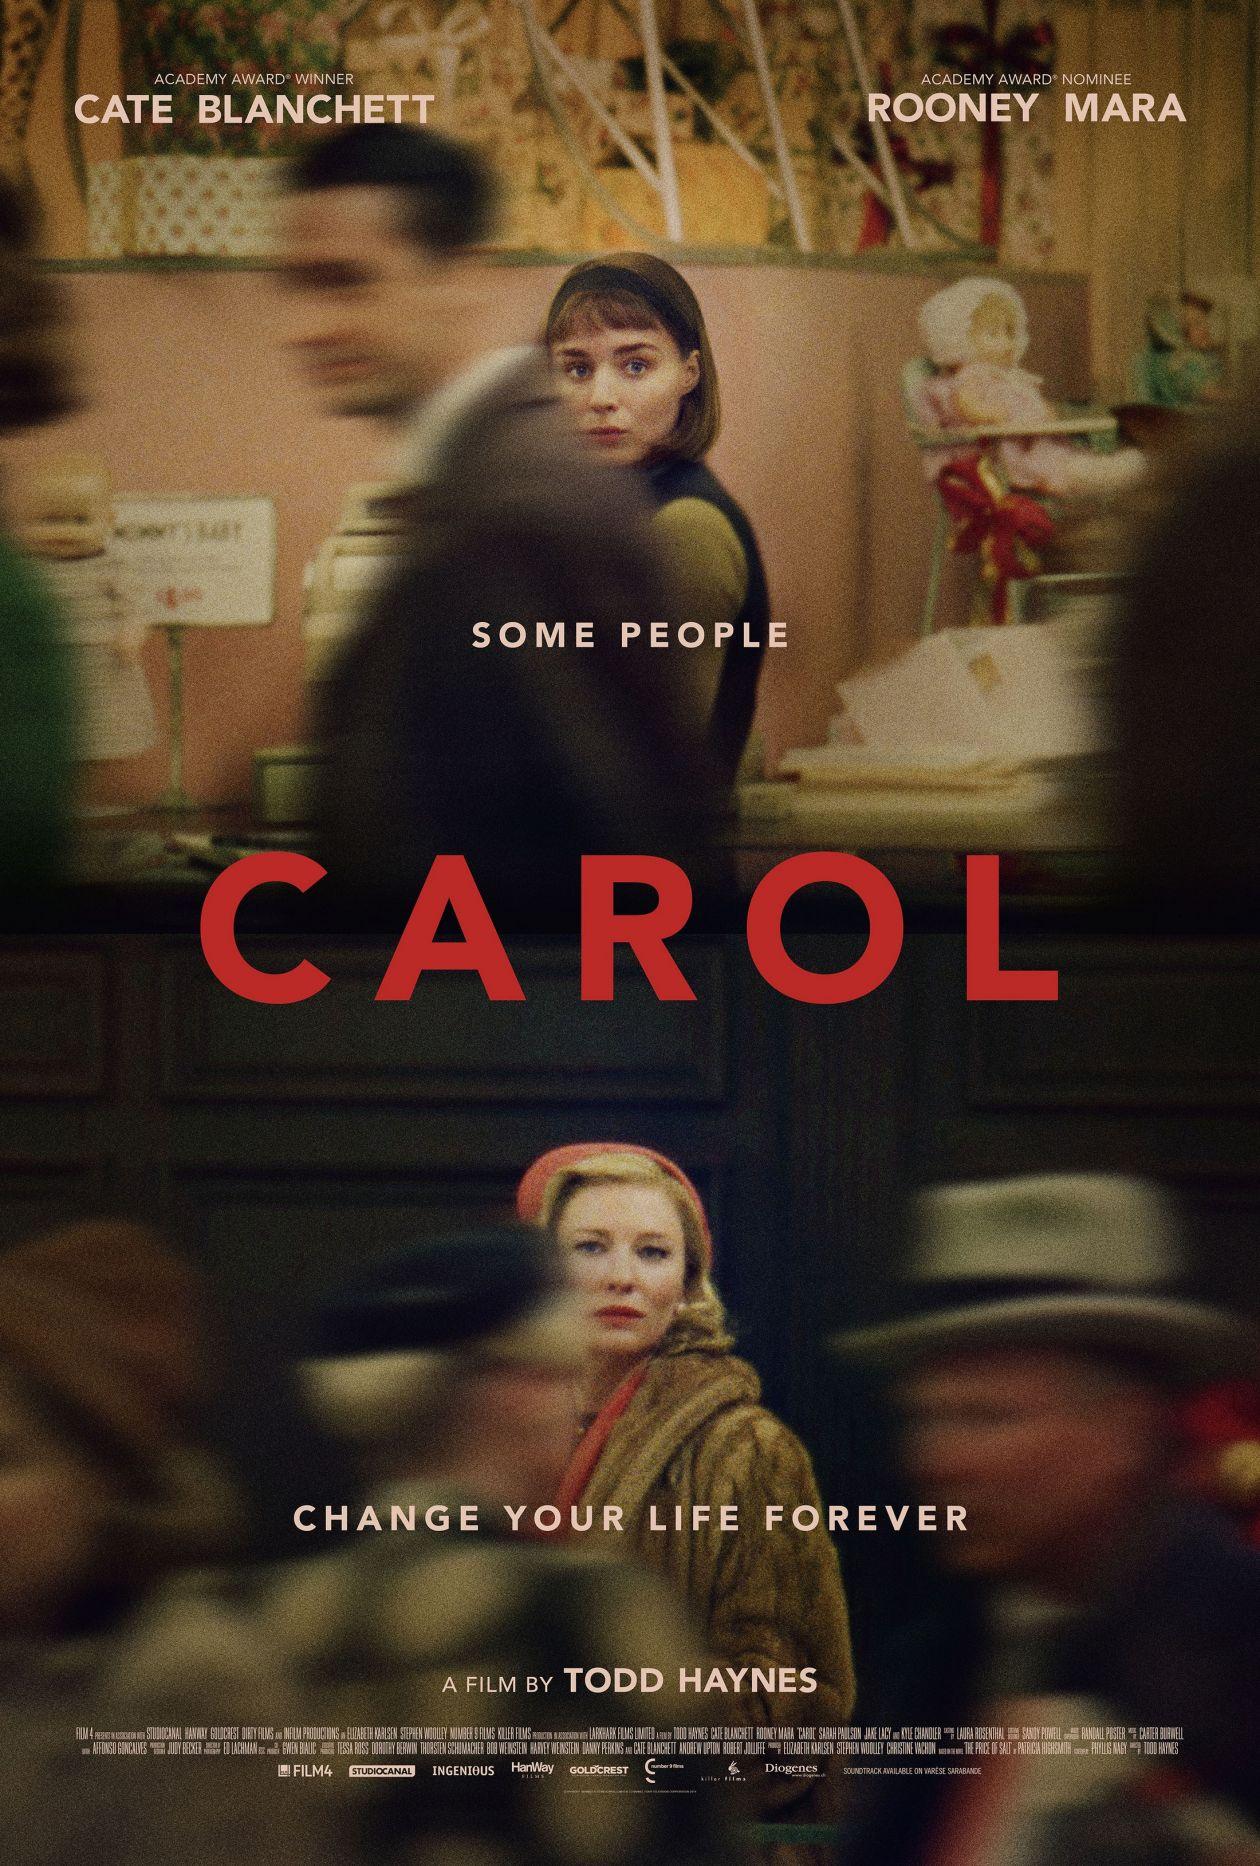 Rooney Mara   Cate Blanchett  Carol   Todd Haynes 2015 / Movie Poster / Affiche film